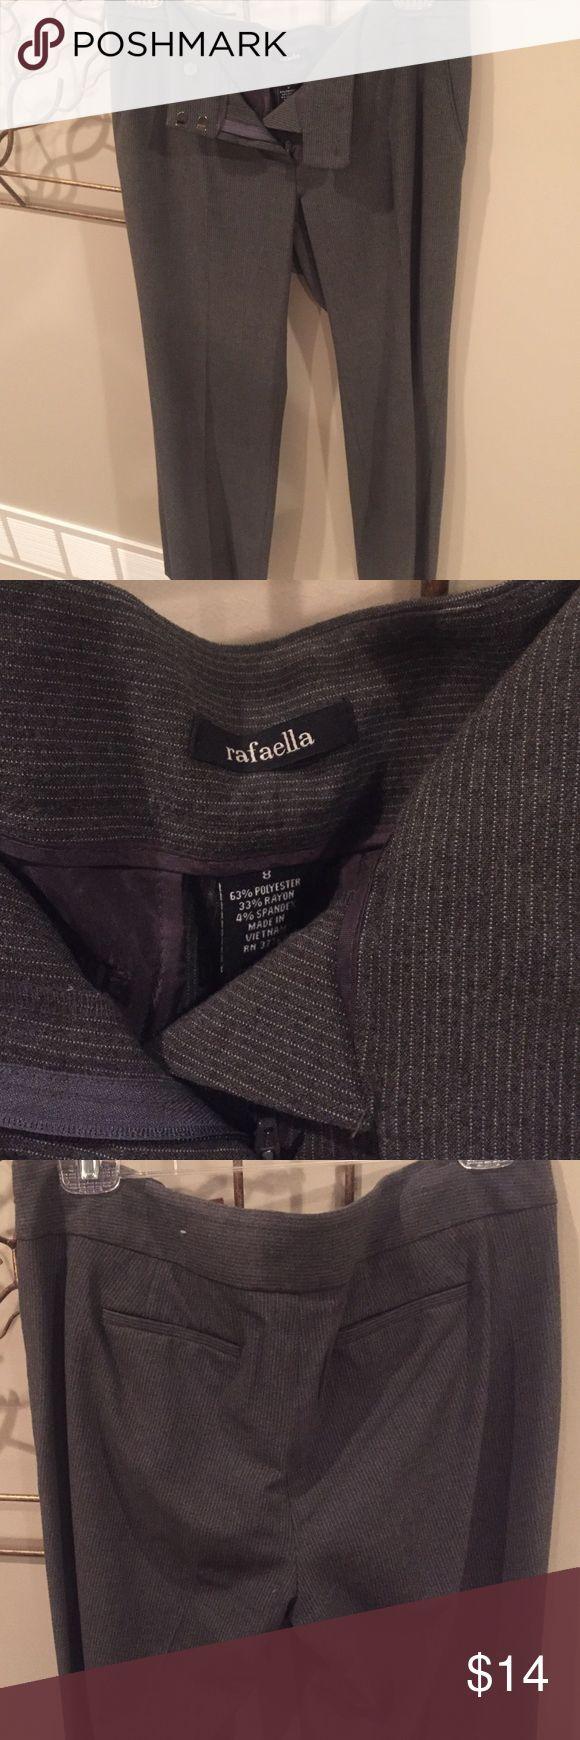 Women's dark gray pin stripe dress pants Size 8 dark gray pin stripe straight leg dress pants. Rafaella Pants Trousers